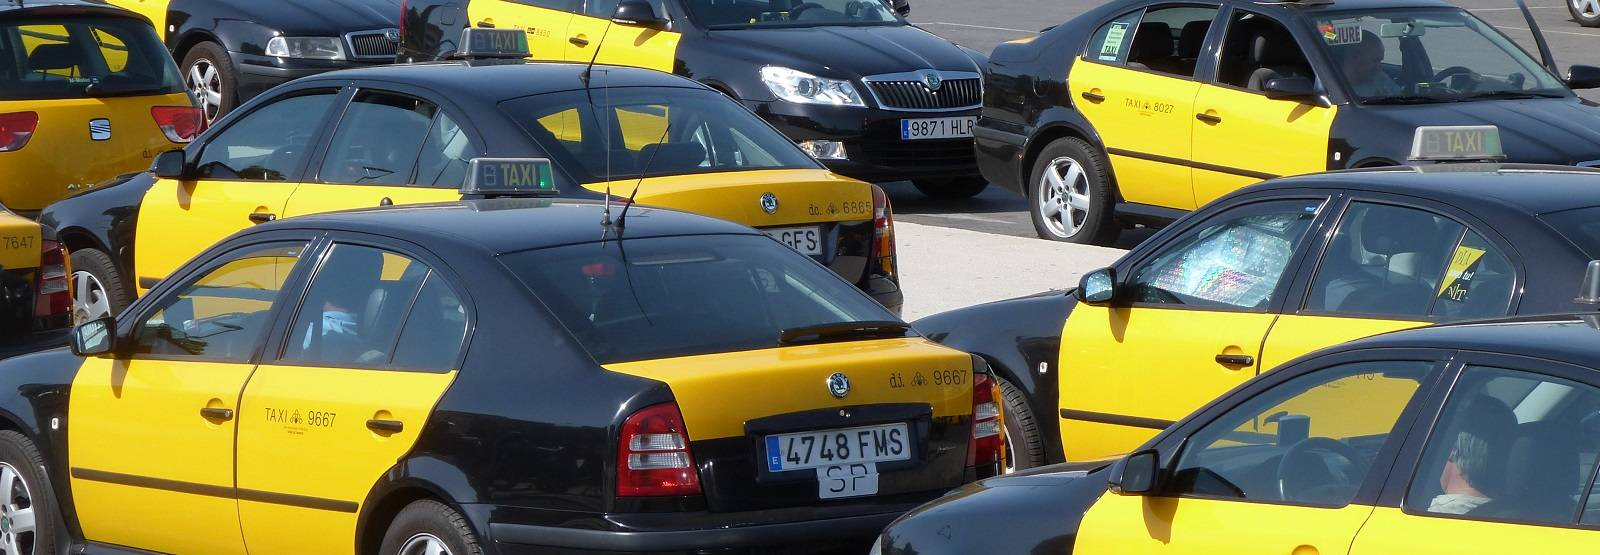 Такси в италии в 2021 году: как вызвать, сколько стоит, сервисы